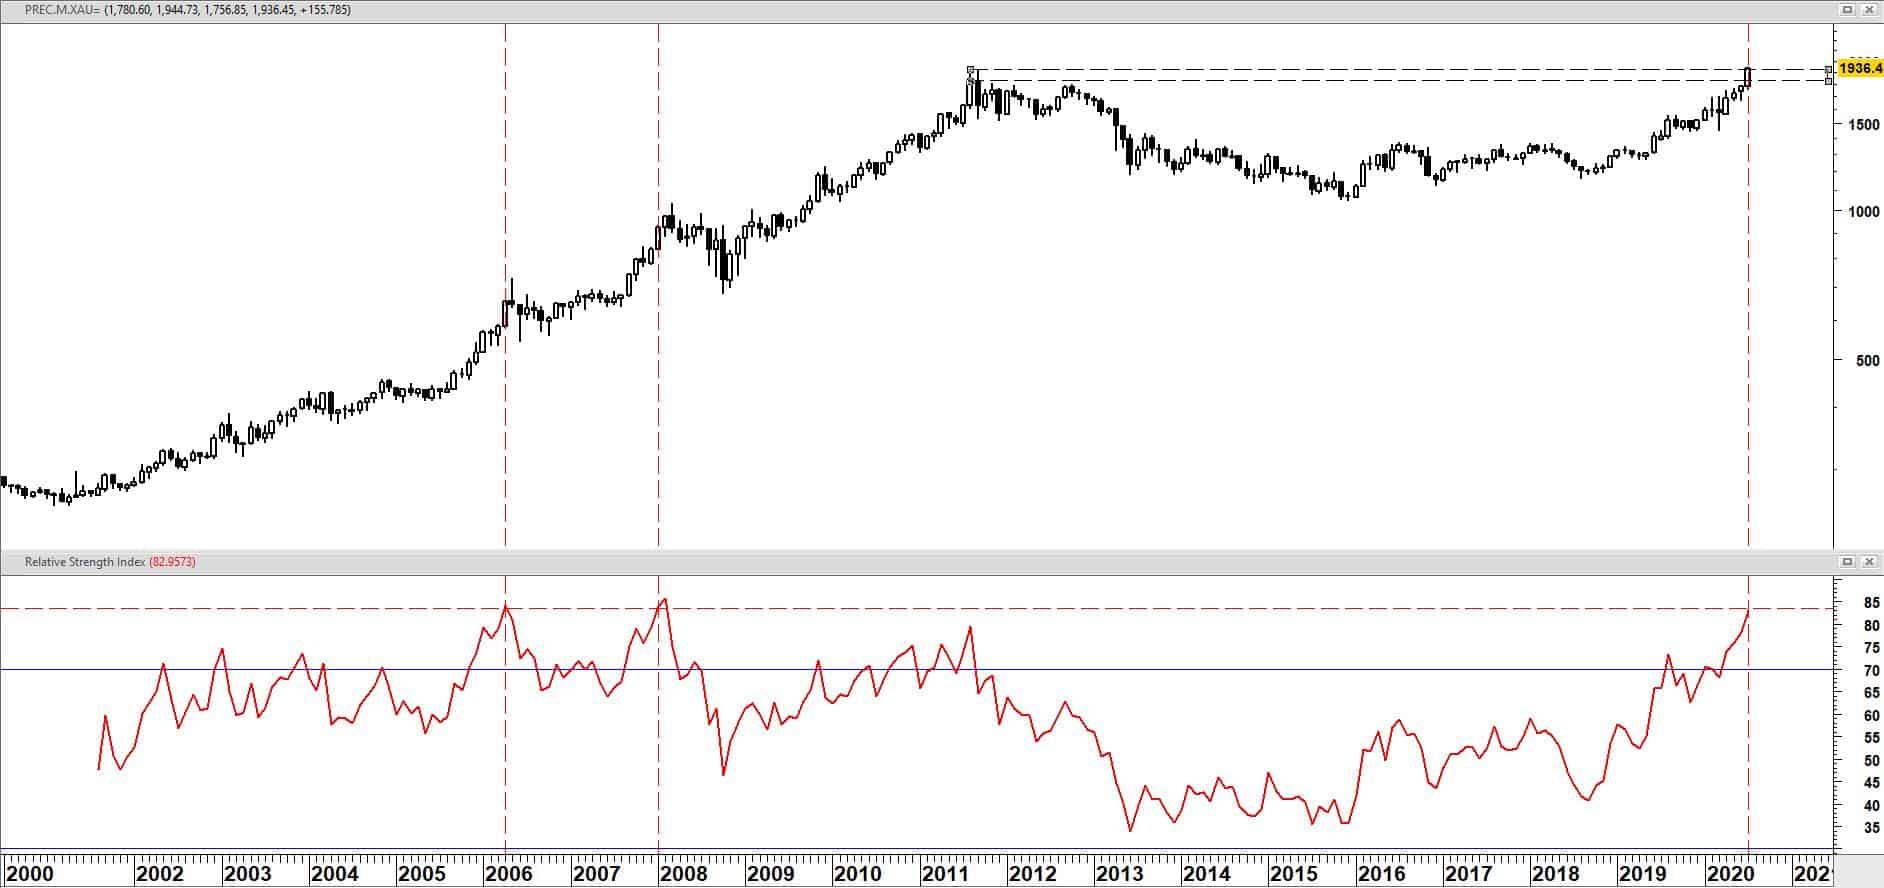 Goudprijs op maandbasis vanaf eind juli 2000 + relatieve sterkte index (RSI)